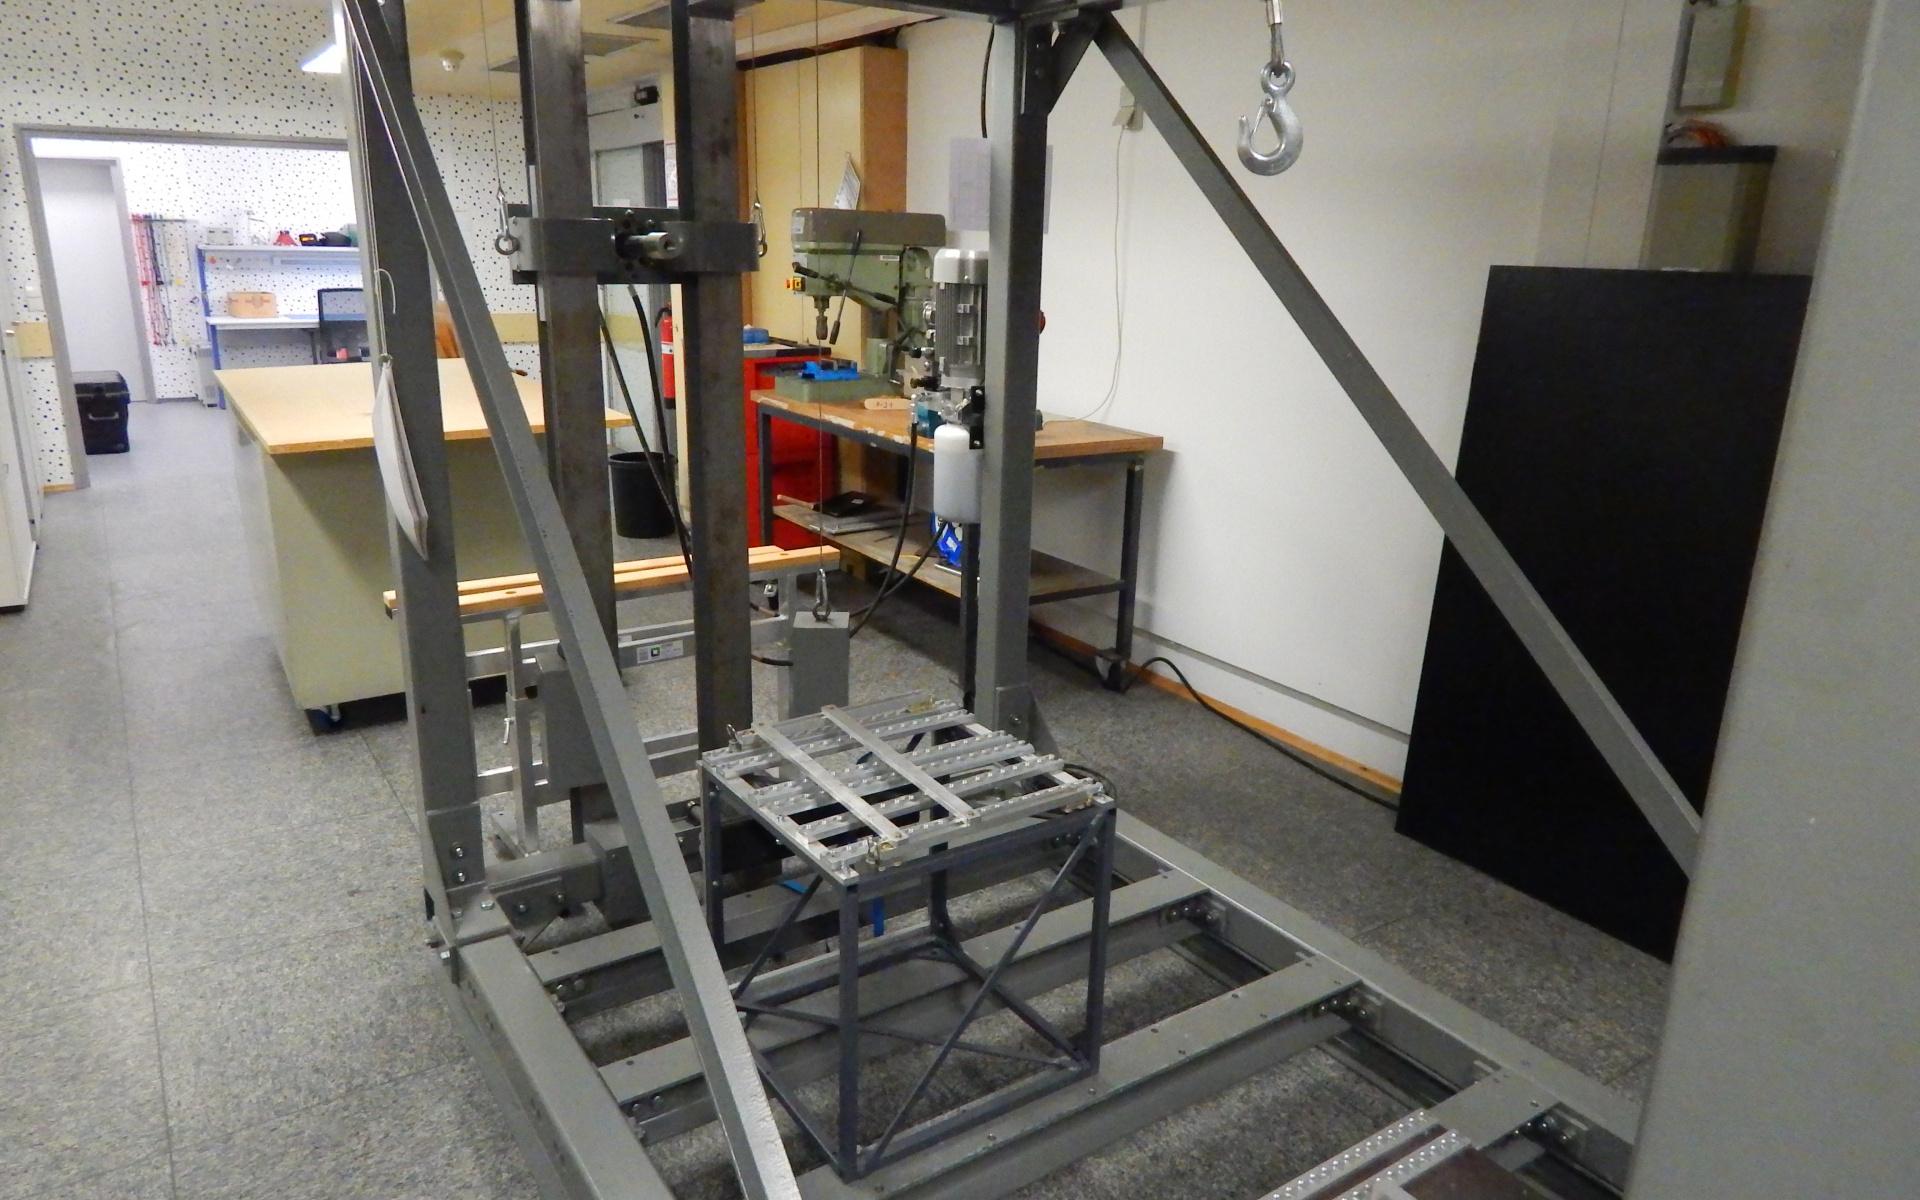 An diesem Zugtisch werden verschieden Zugversuche an Prototypen gemacht, um deren Festigkeit nachzuweisen.